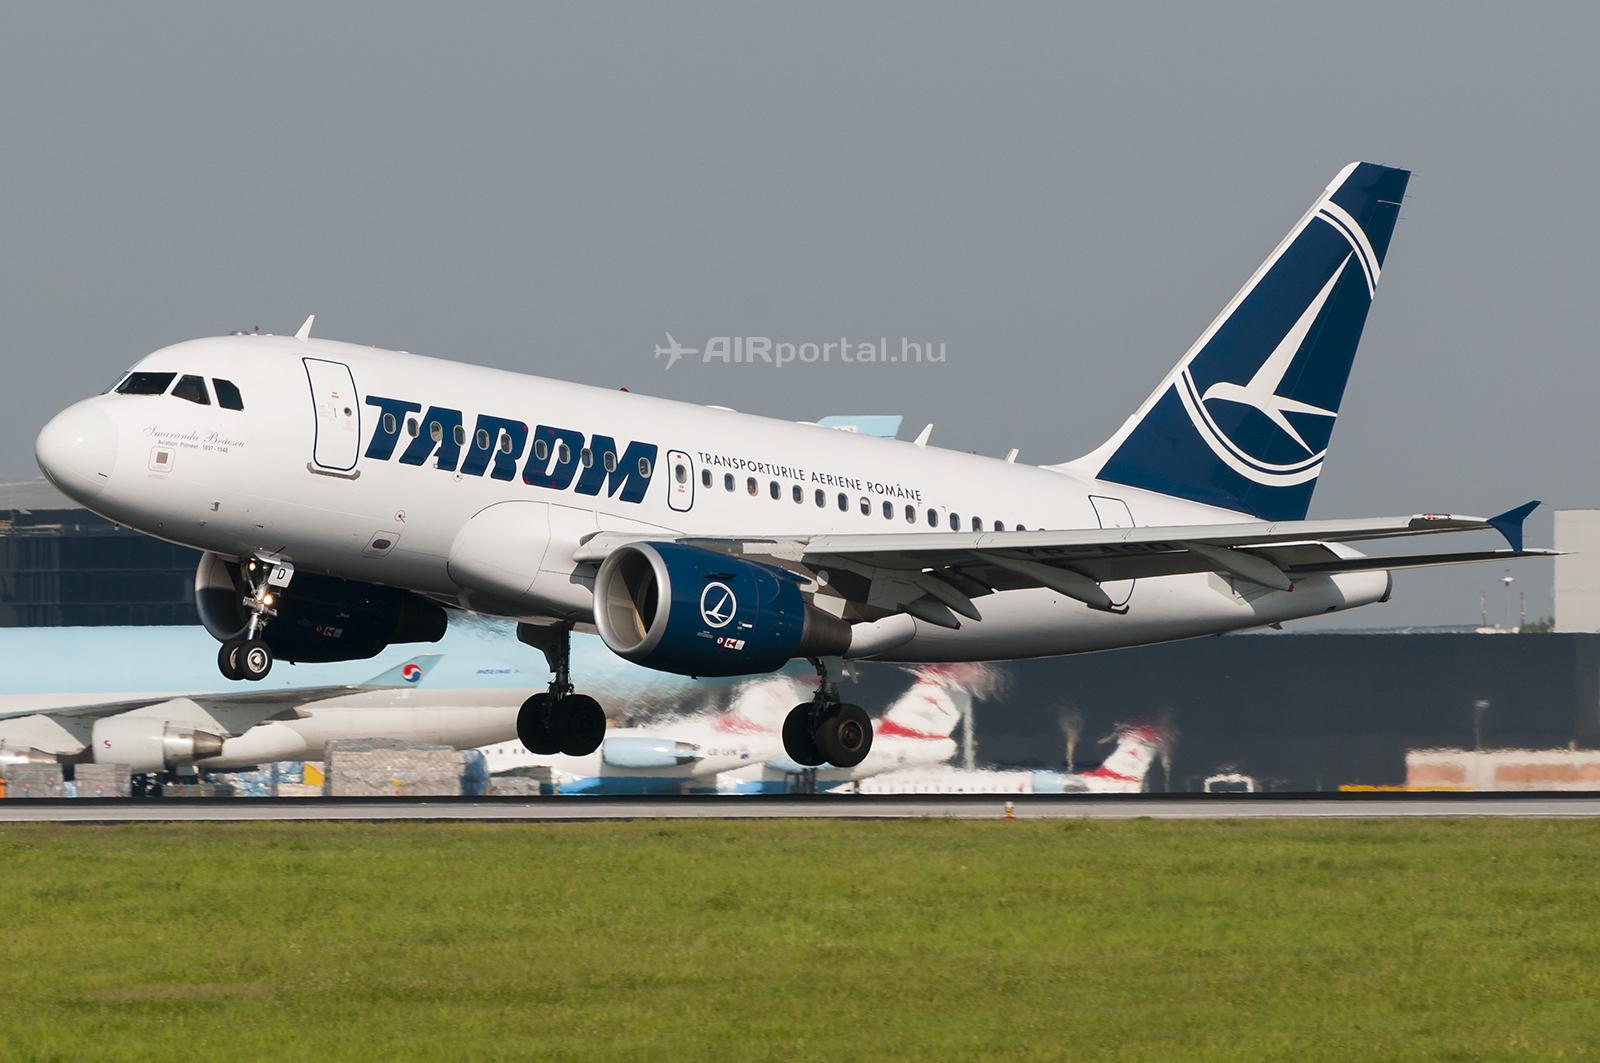 A TAROM Airbus A318-100 típusú repülőgépe. (Fotó: Bodorics Tamás - AIRportal.hu) | © AIRportal.hu